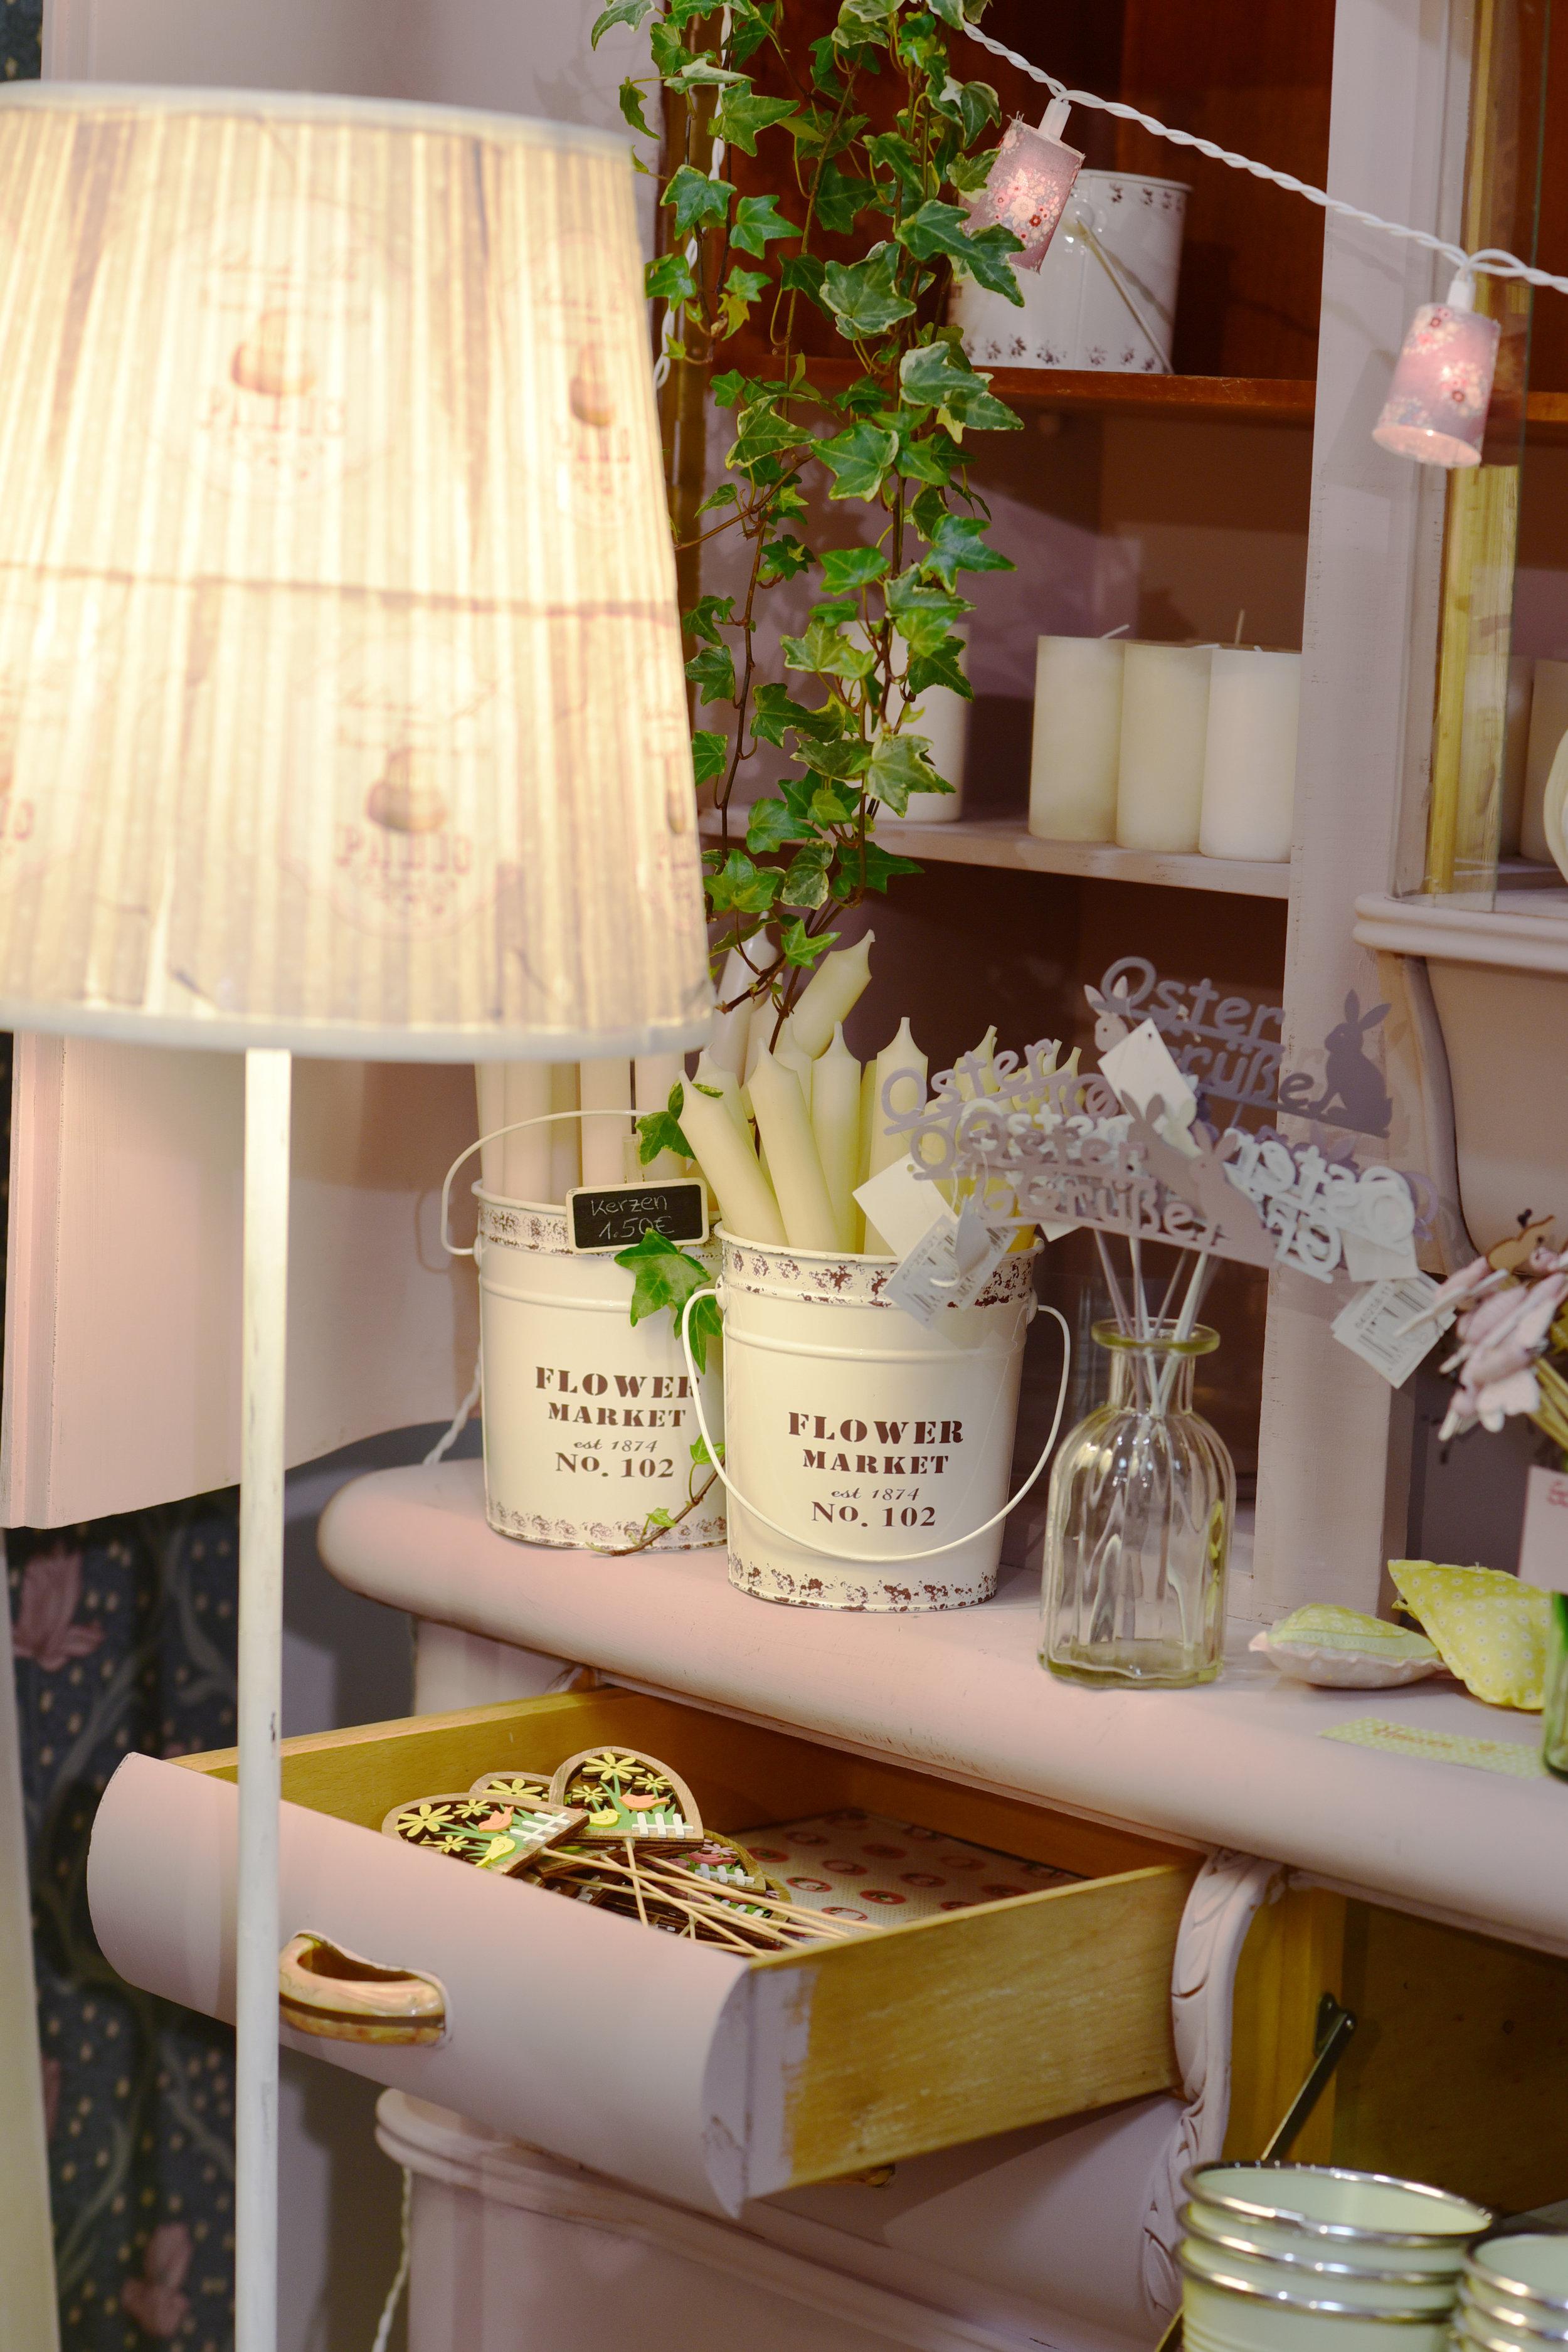 Zum Besprechen des Blumenschmucks für Hochzeiten hat Michaela Furthmann einen eigenen Raum eingerichtet.